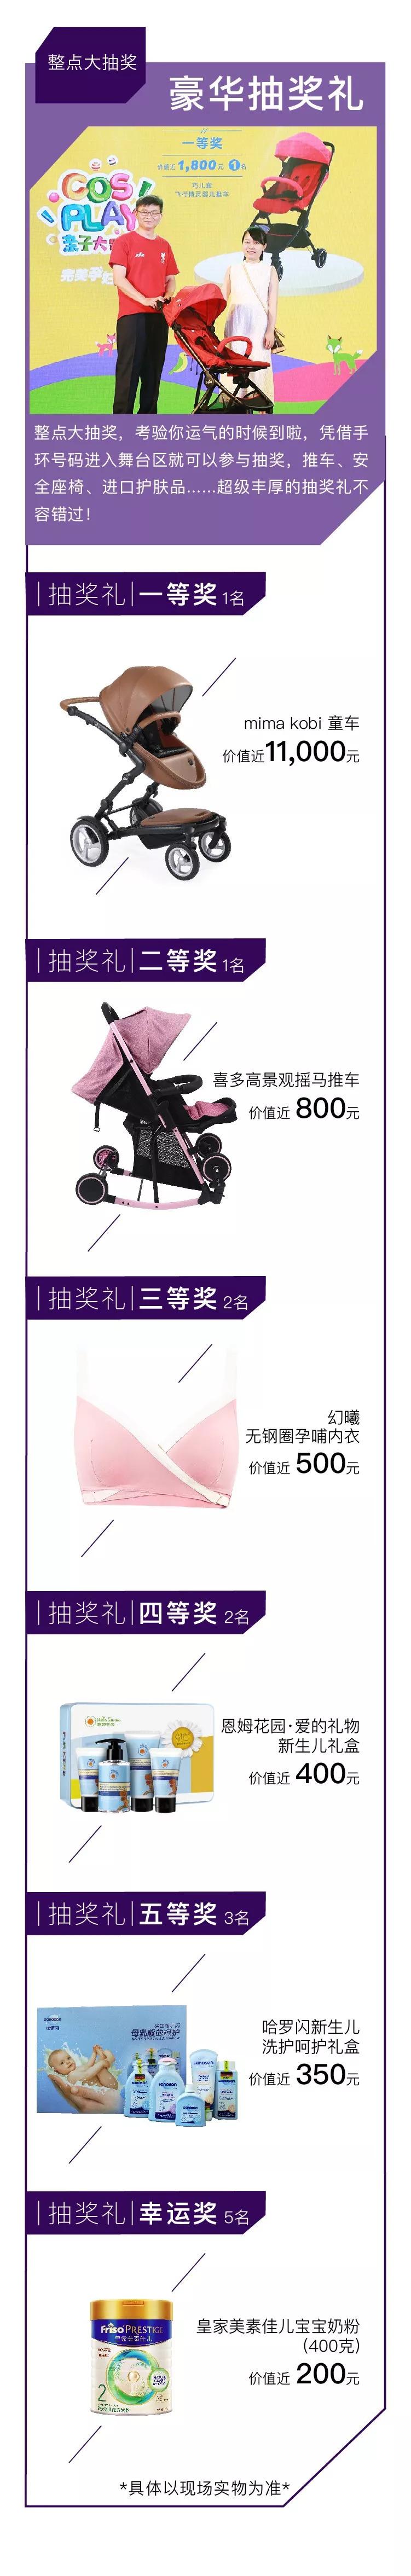 澳门太阳娱乐官方网站 23